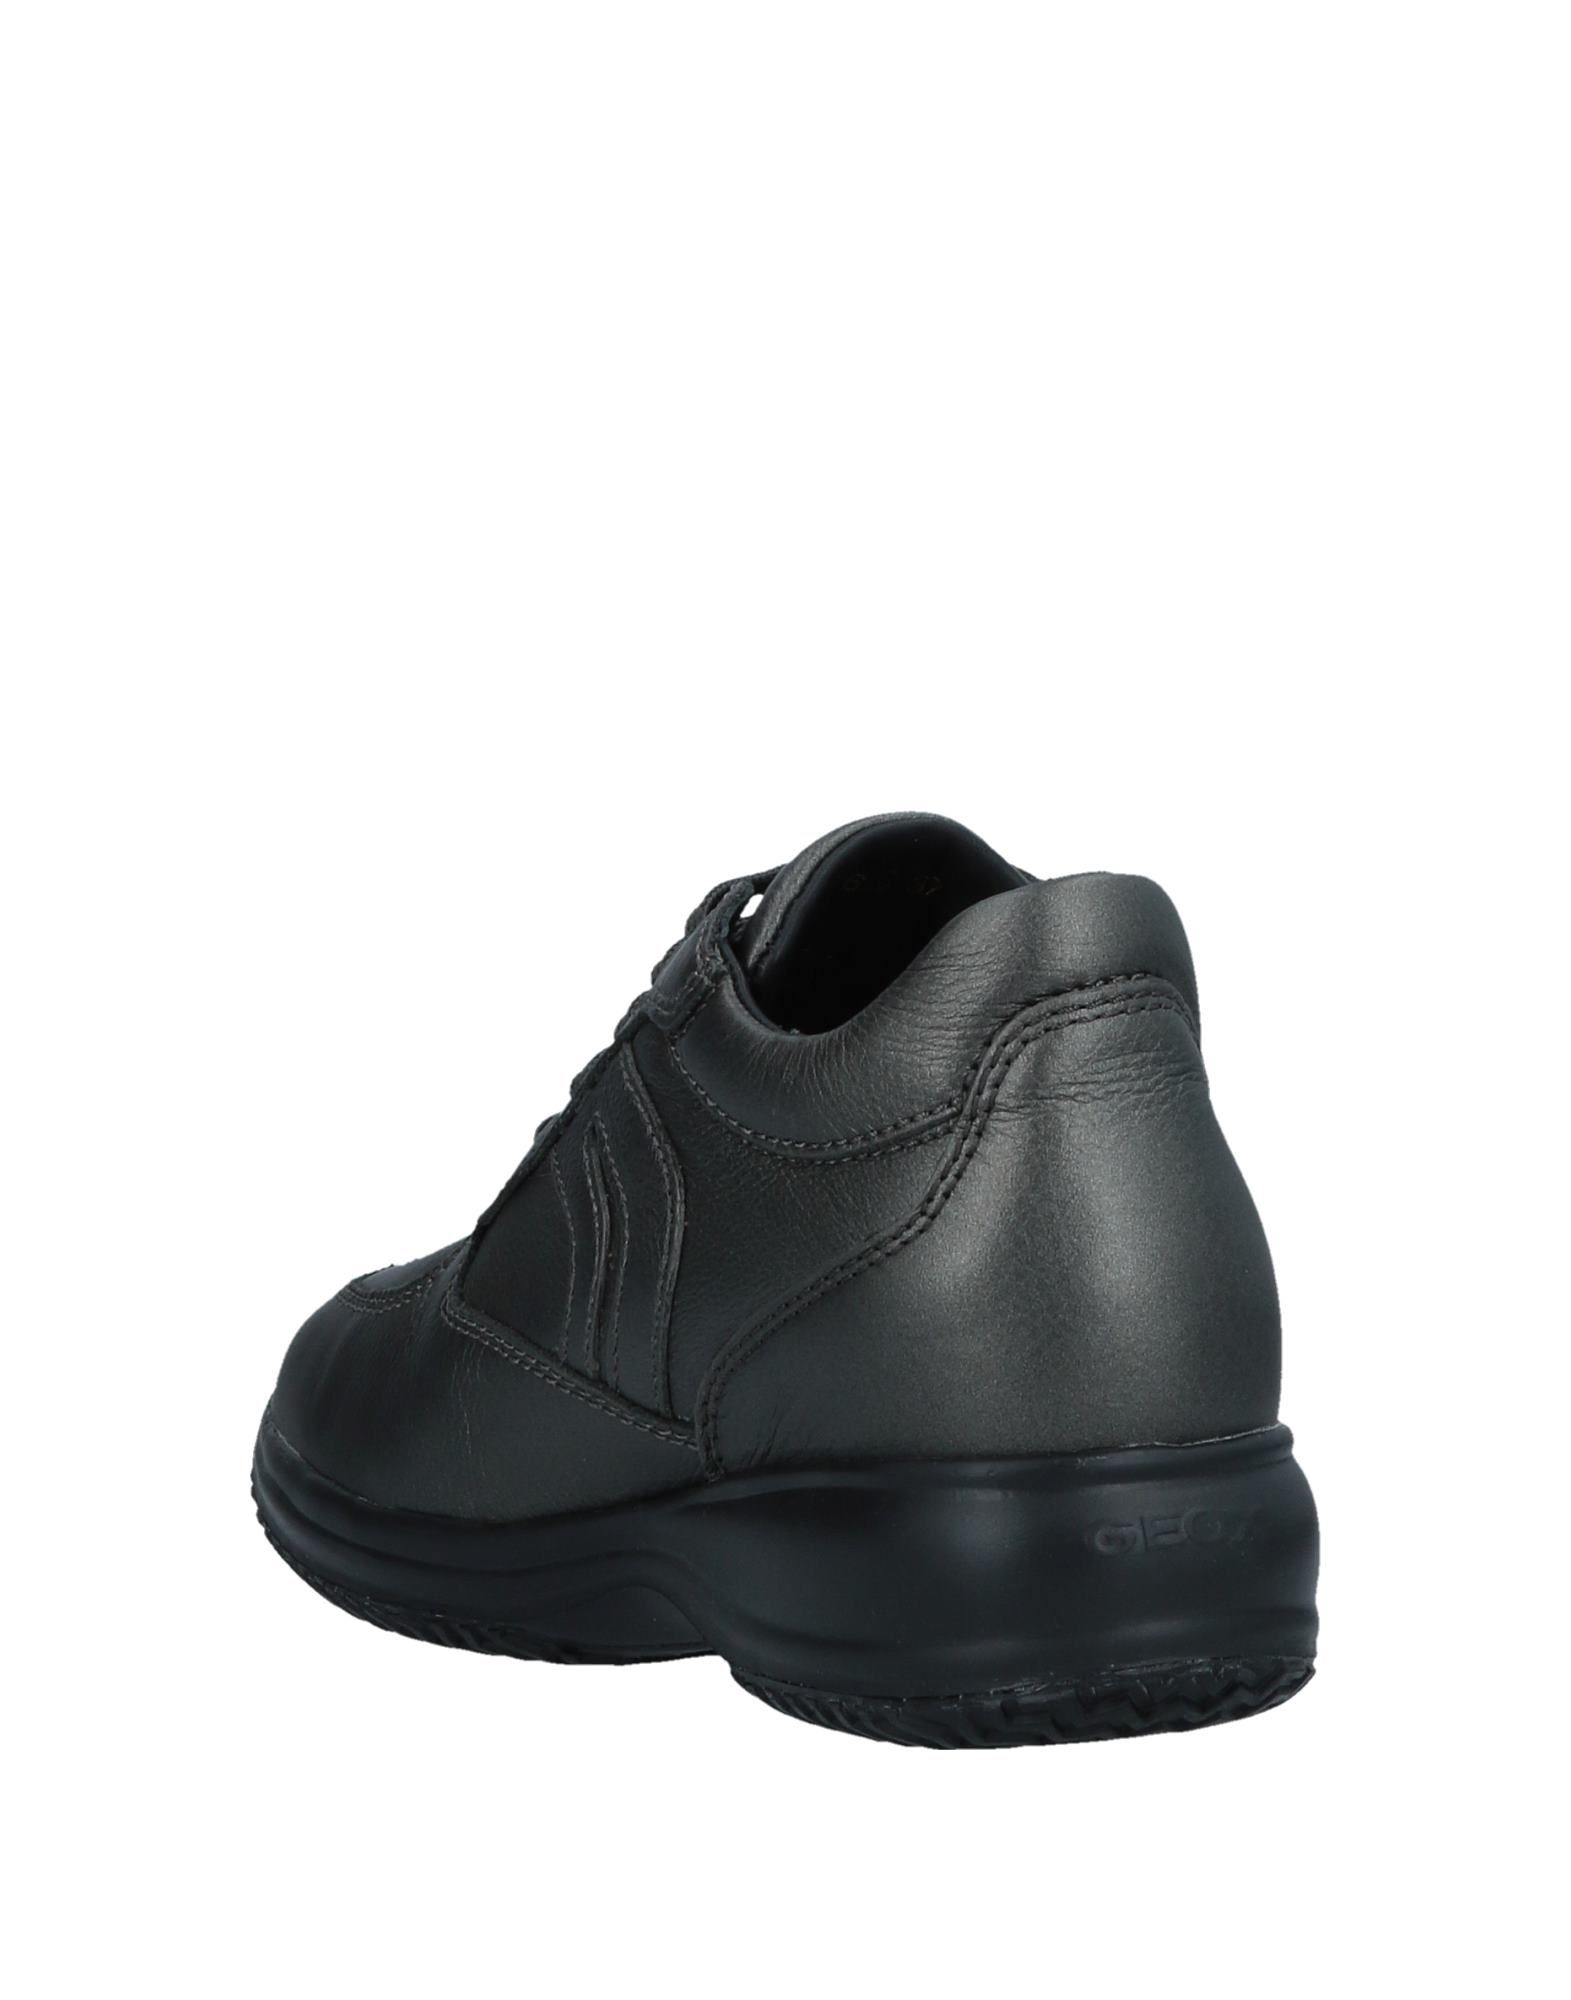 Geox Turnschuhes beliebte Damen 11525719WN Gute Qualität beliebte Turnschuhes Schuhe a50508